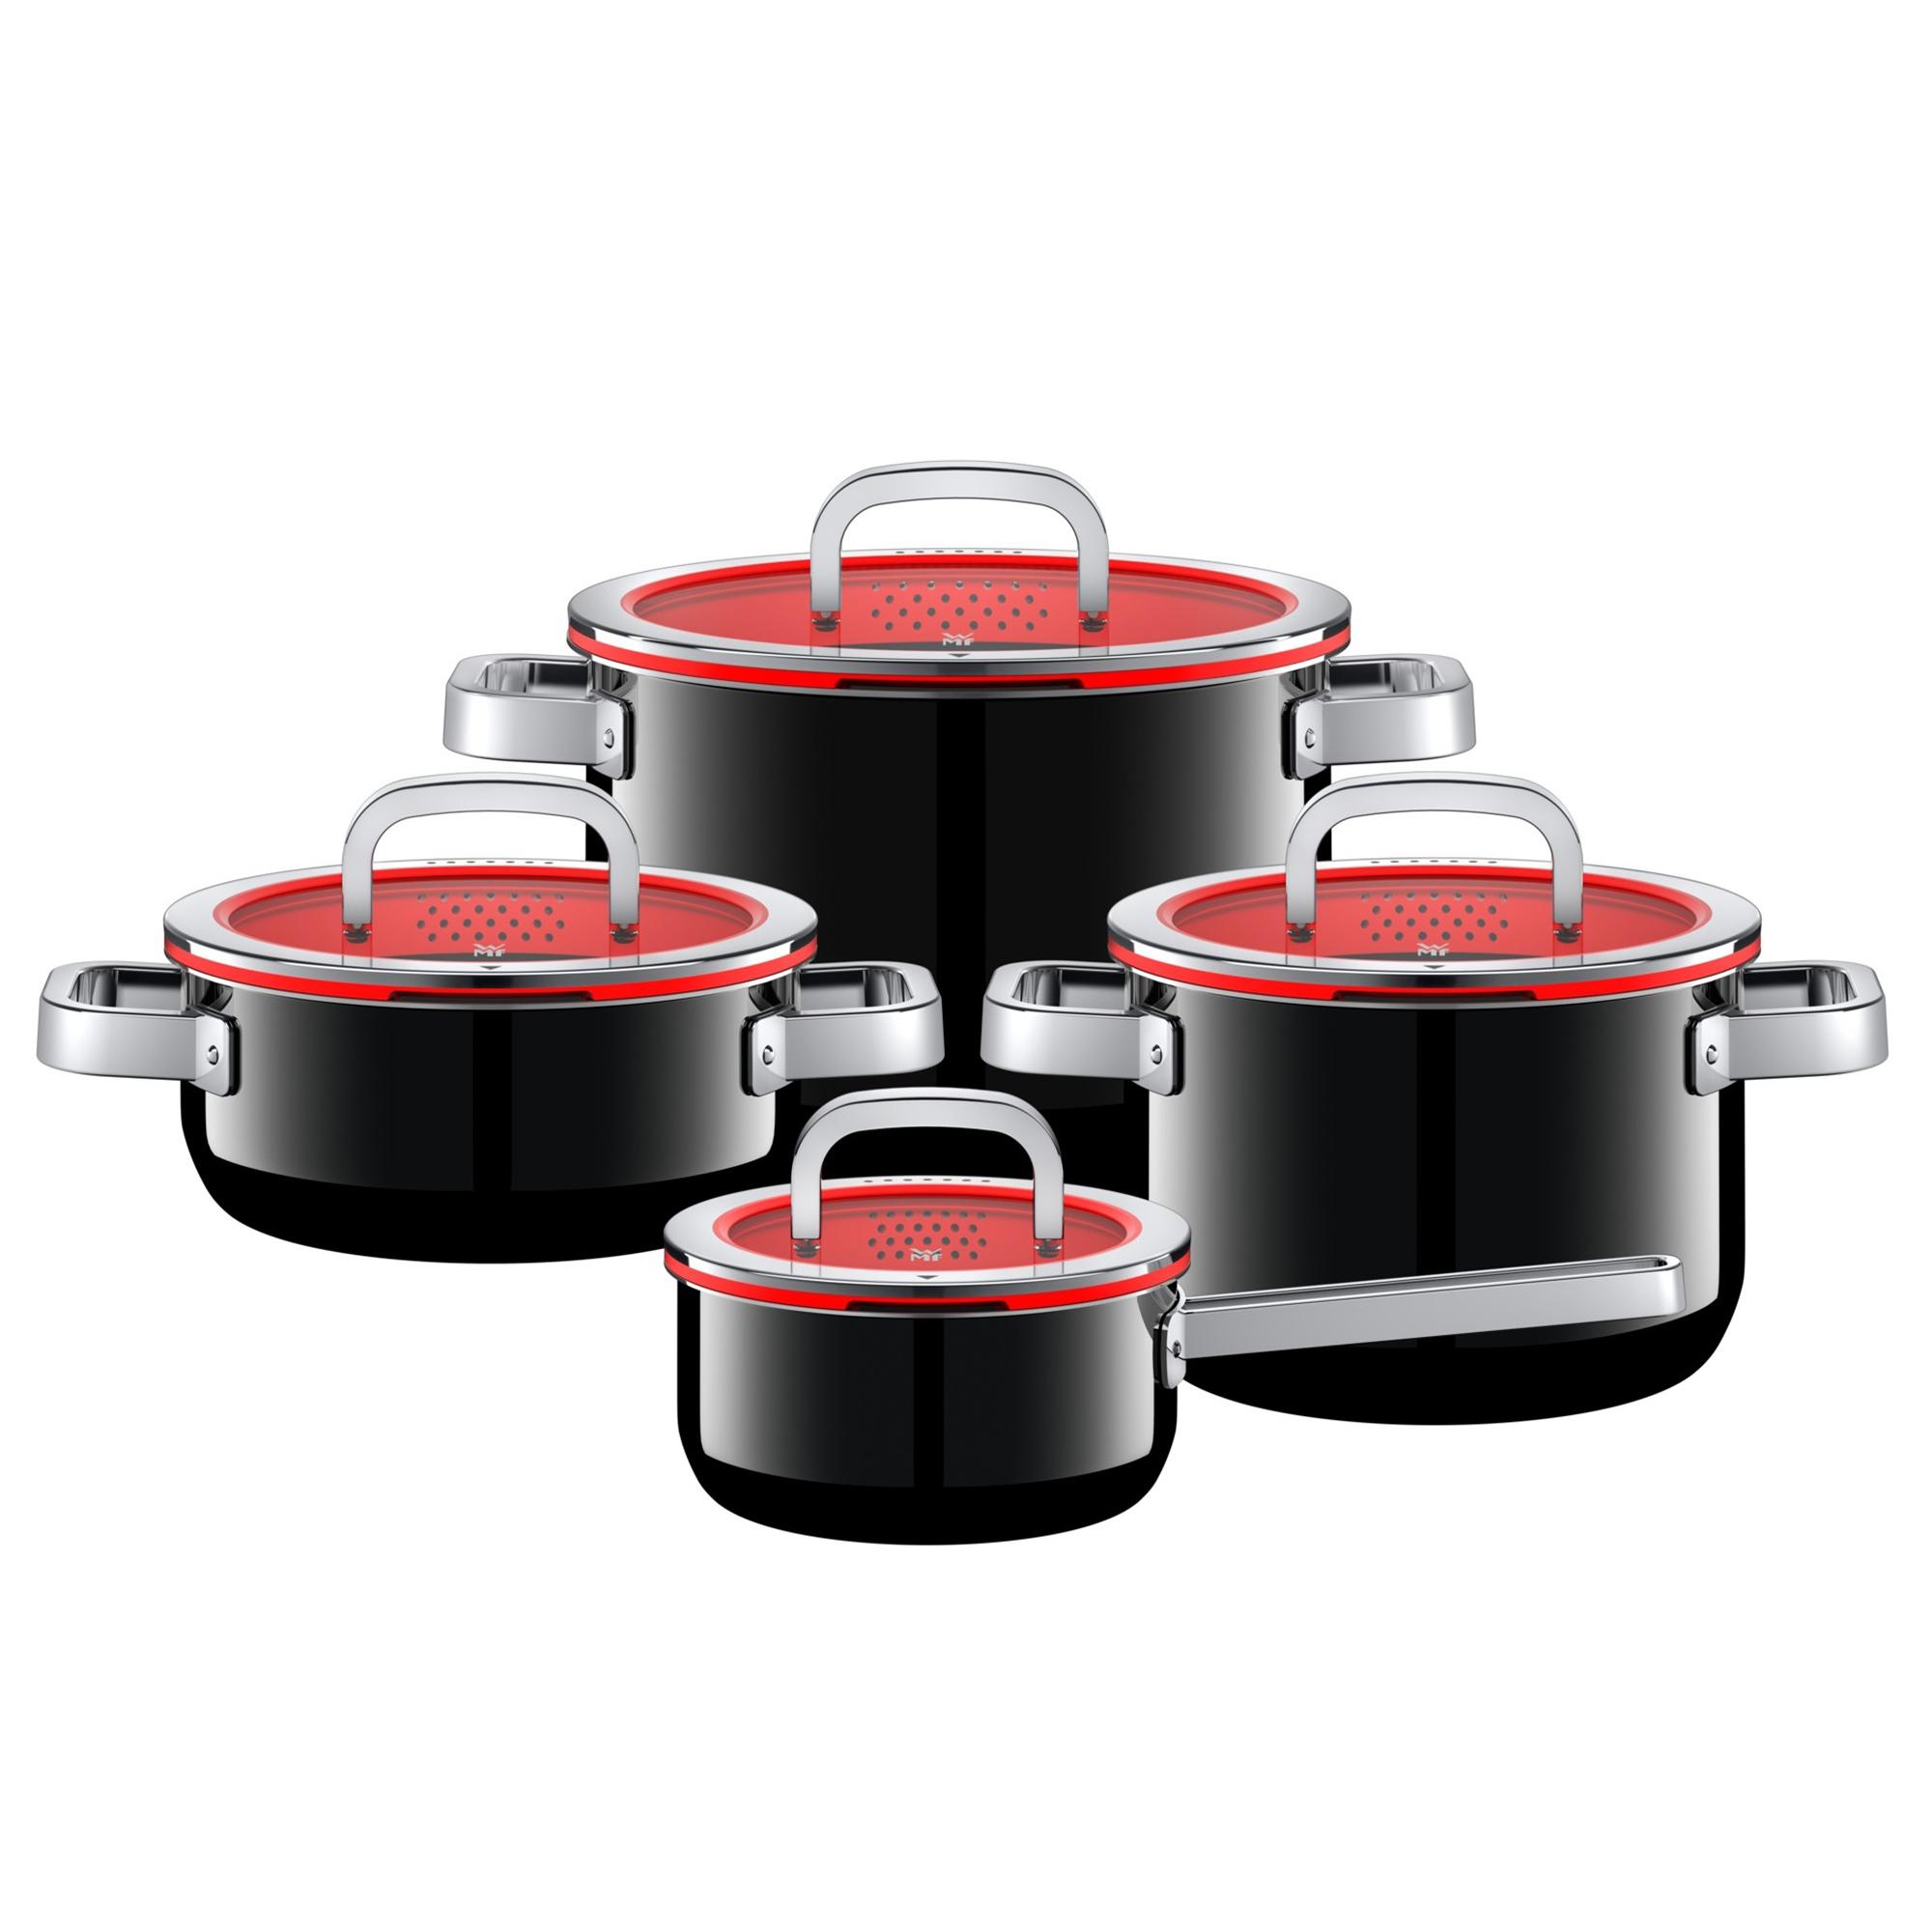 سرویس پخت و پز 8 پارچه دبلیو ام اف مدل Fusiontec